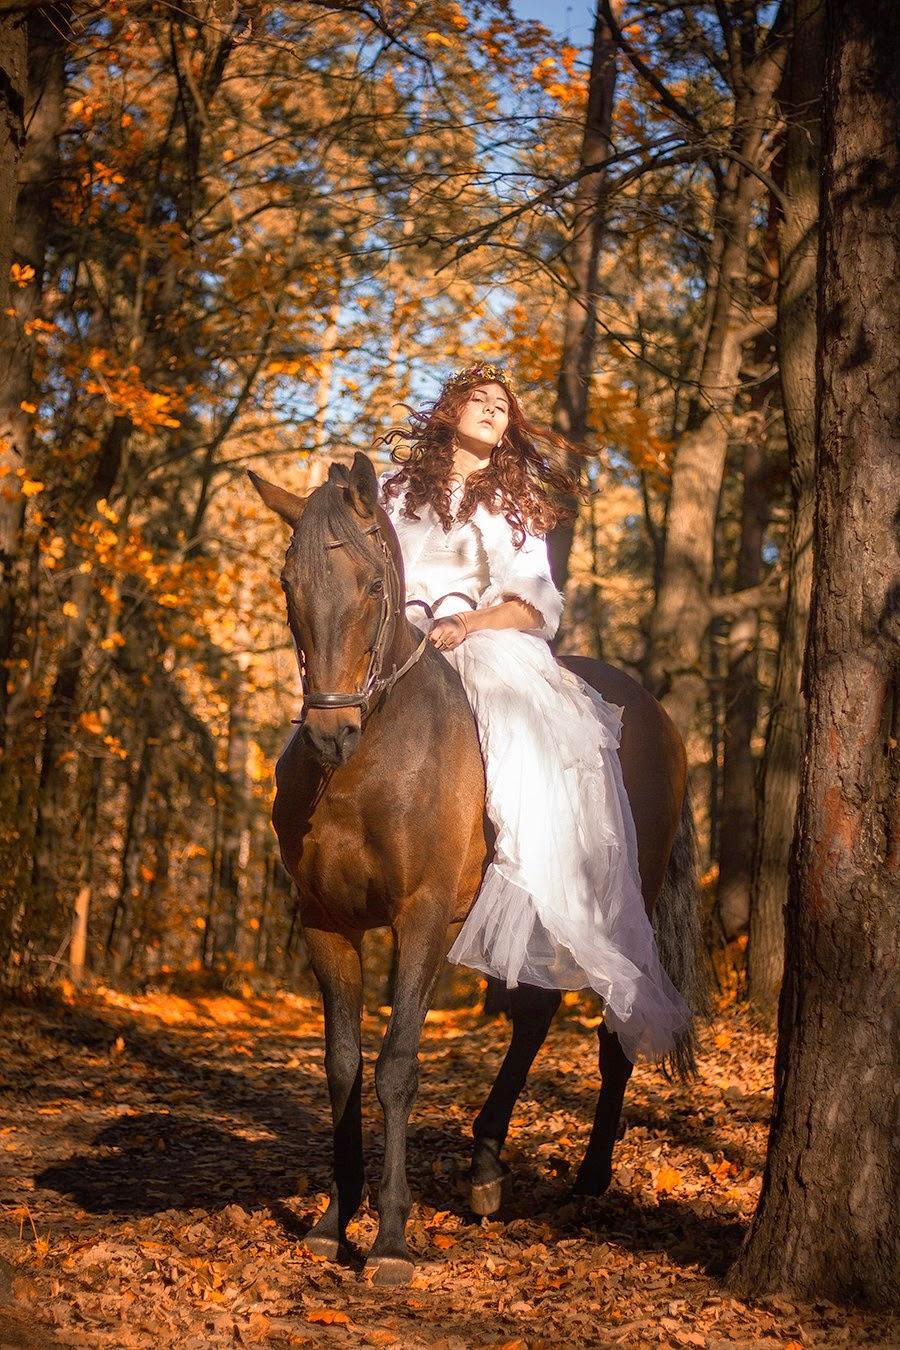 fille rousse en robe blanche sur un cheval par Dasha Kond